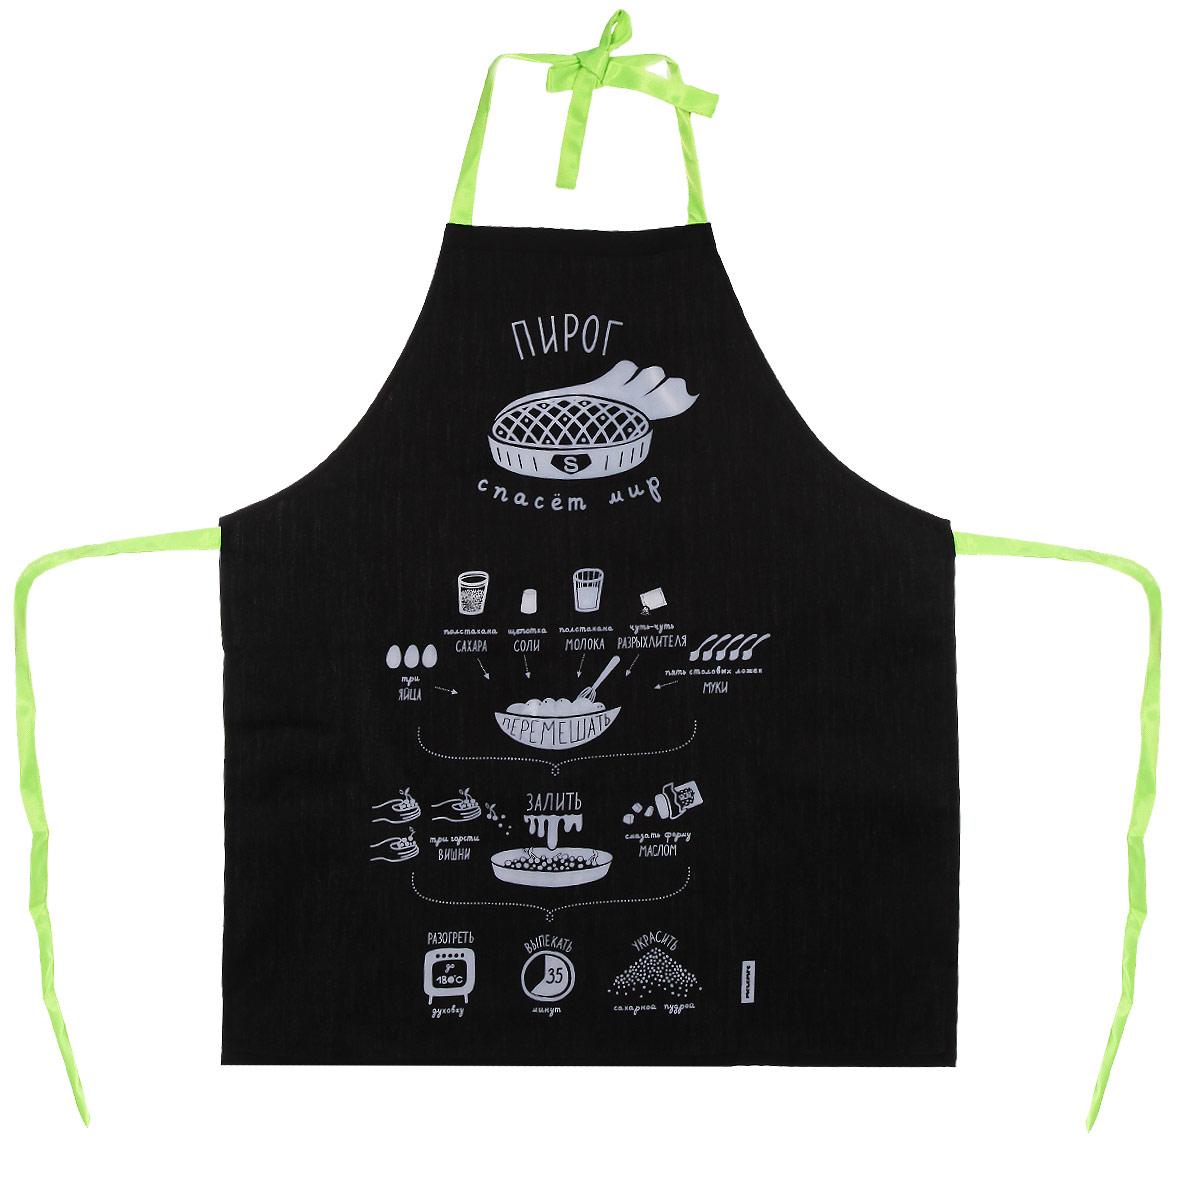 Фартук Melompo Пирог, 76 х 68 см22426Фартук Melompo Пирог поможет вам избежать попадания еды на вашу одежду во время приготовления какого-либо блюда. Выполнен из хлопка и полиэстера. На фартуке имеются удобная лямка и завязки. На фартук нанесен рецепт простого и вкусного вишневого пирога. Крой универсальный, подходит кулинарам обоих полов и разных комплекций.